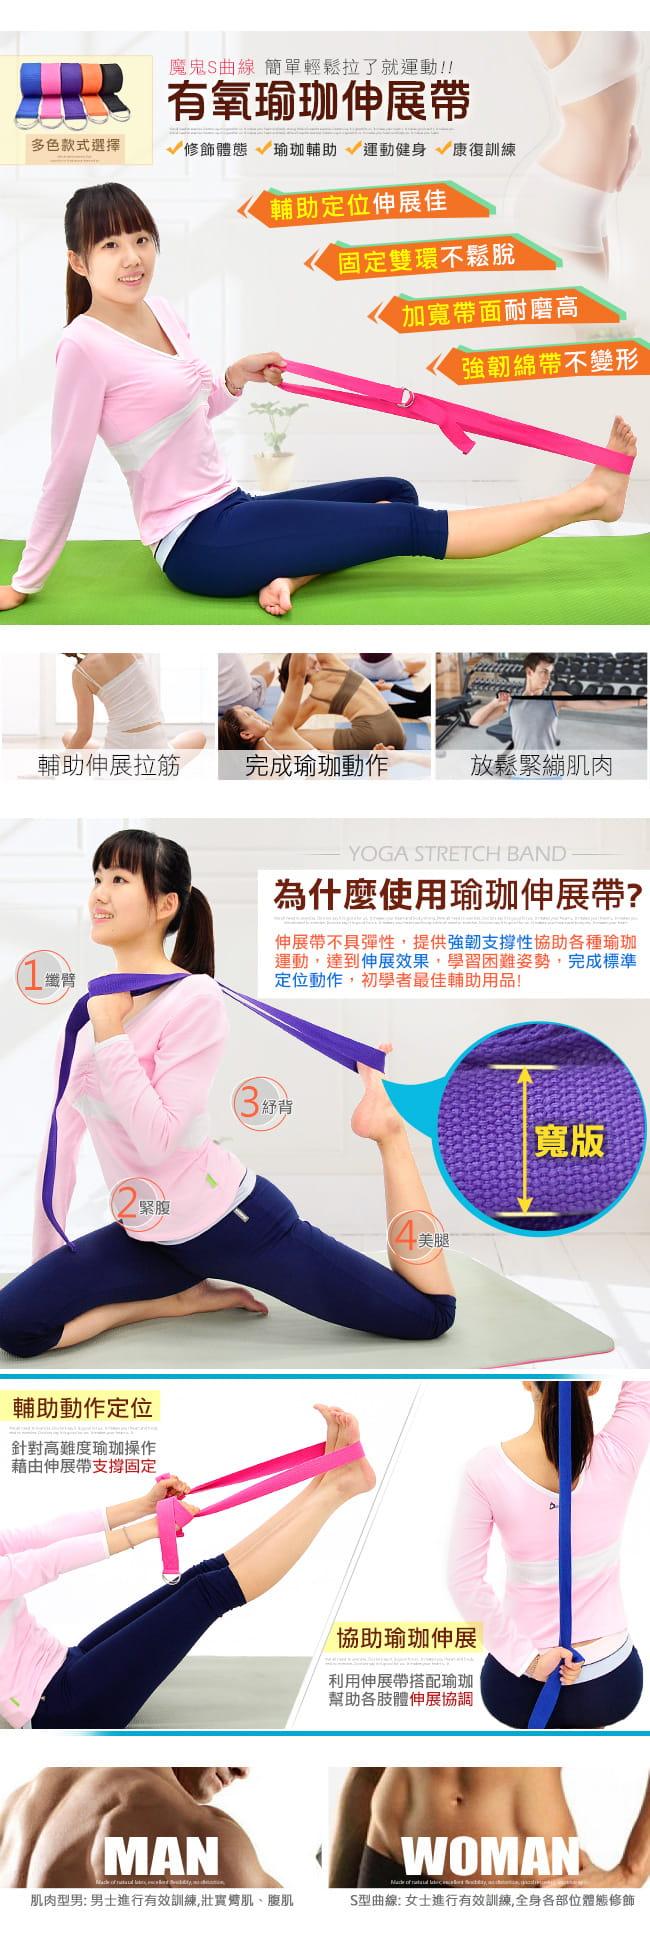 有氧瑜珈伸展帶   專業瑜珈帶韻律帶拉筋帶 1